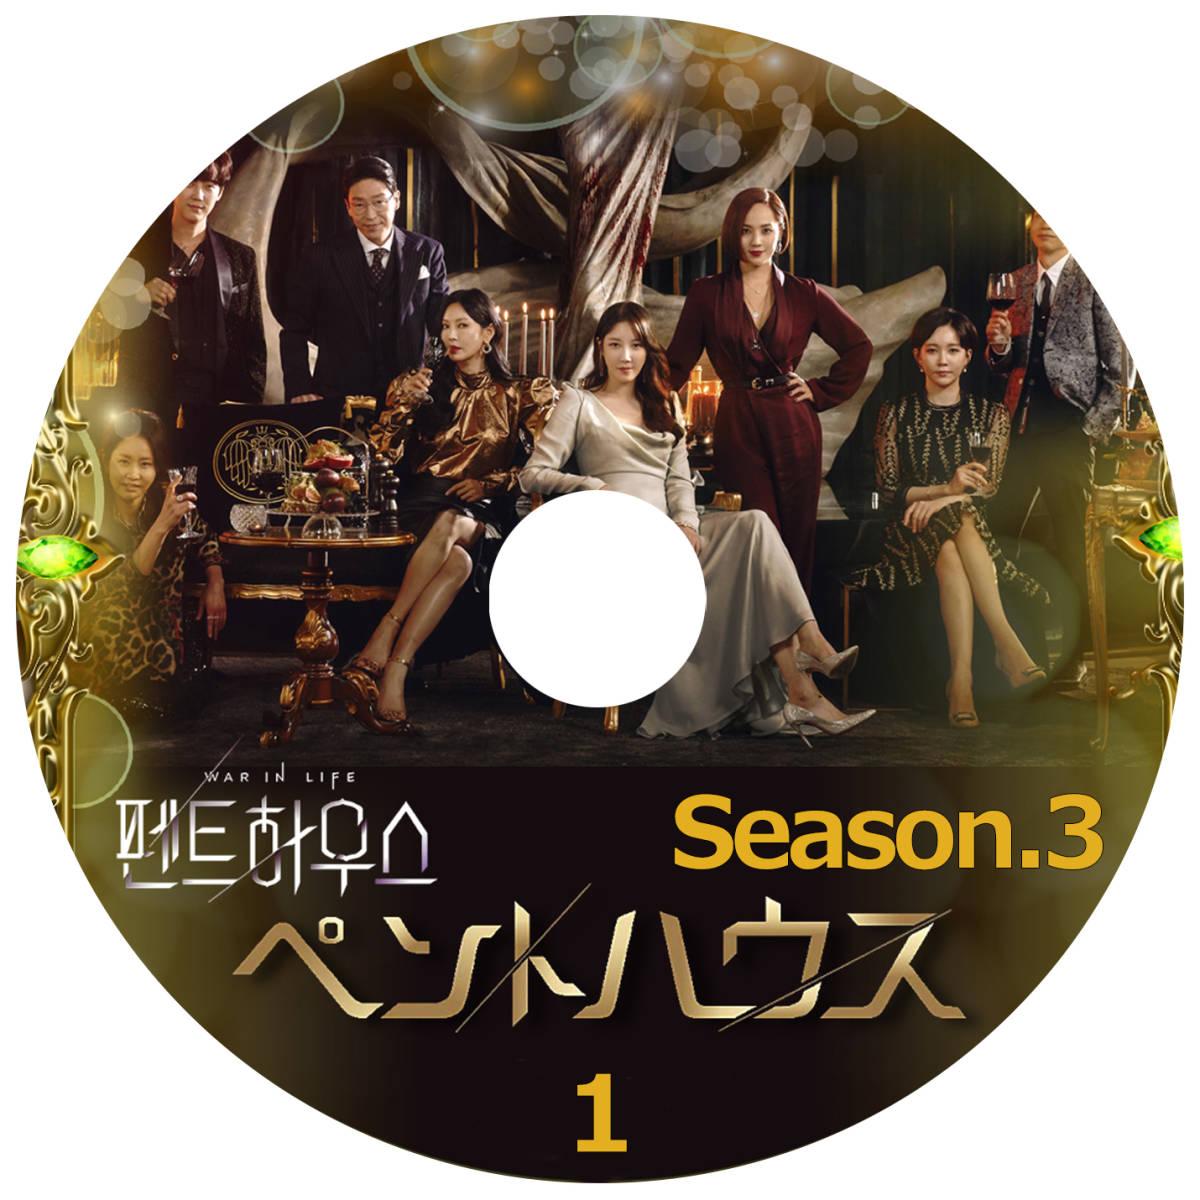 【セット】ペントハウス1 DVD版+ ペントハウス2 DVD版+ペントハウス3 DVD版《日本語字幕あり》 韓国ドラマ